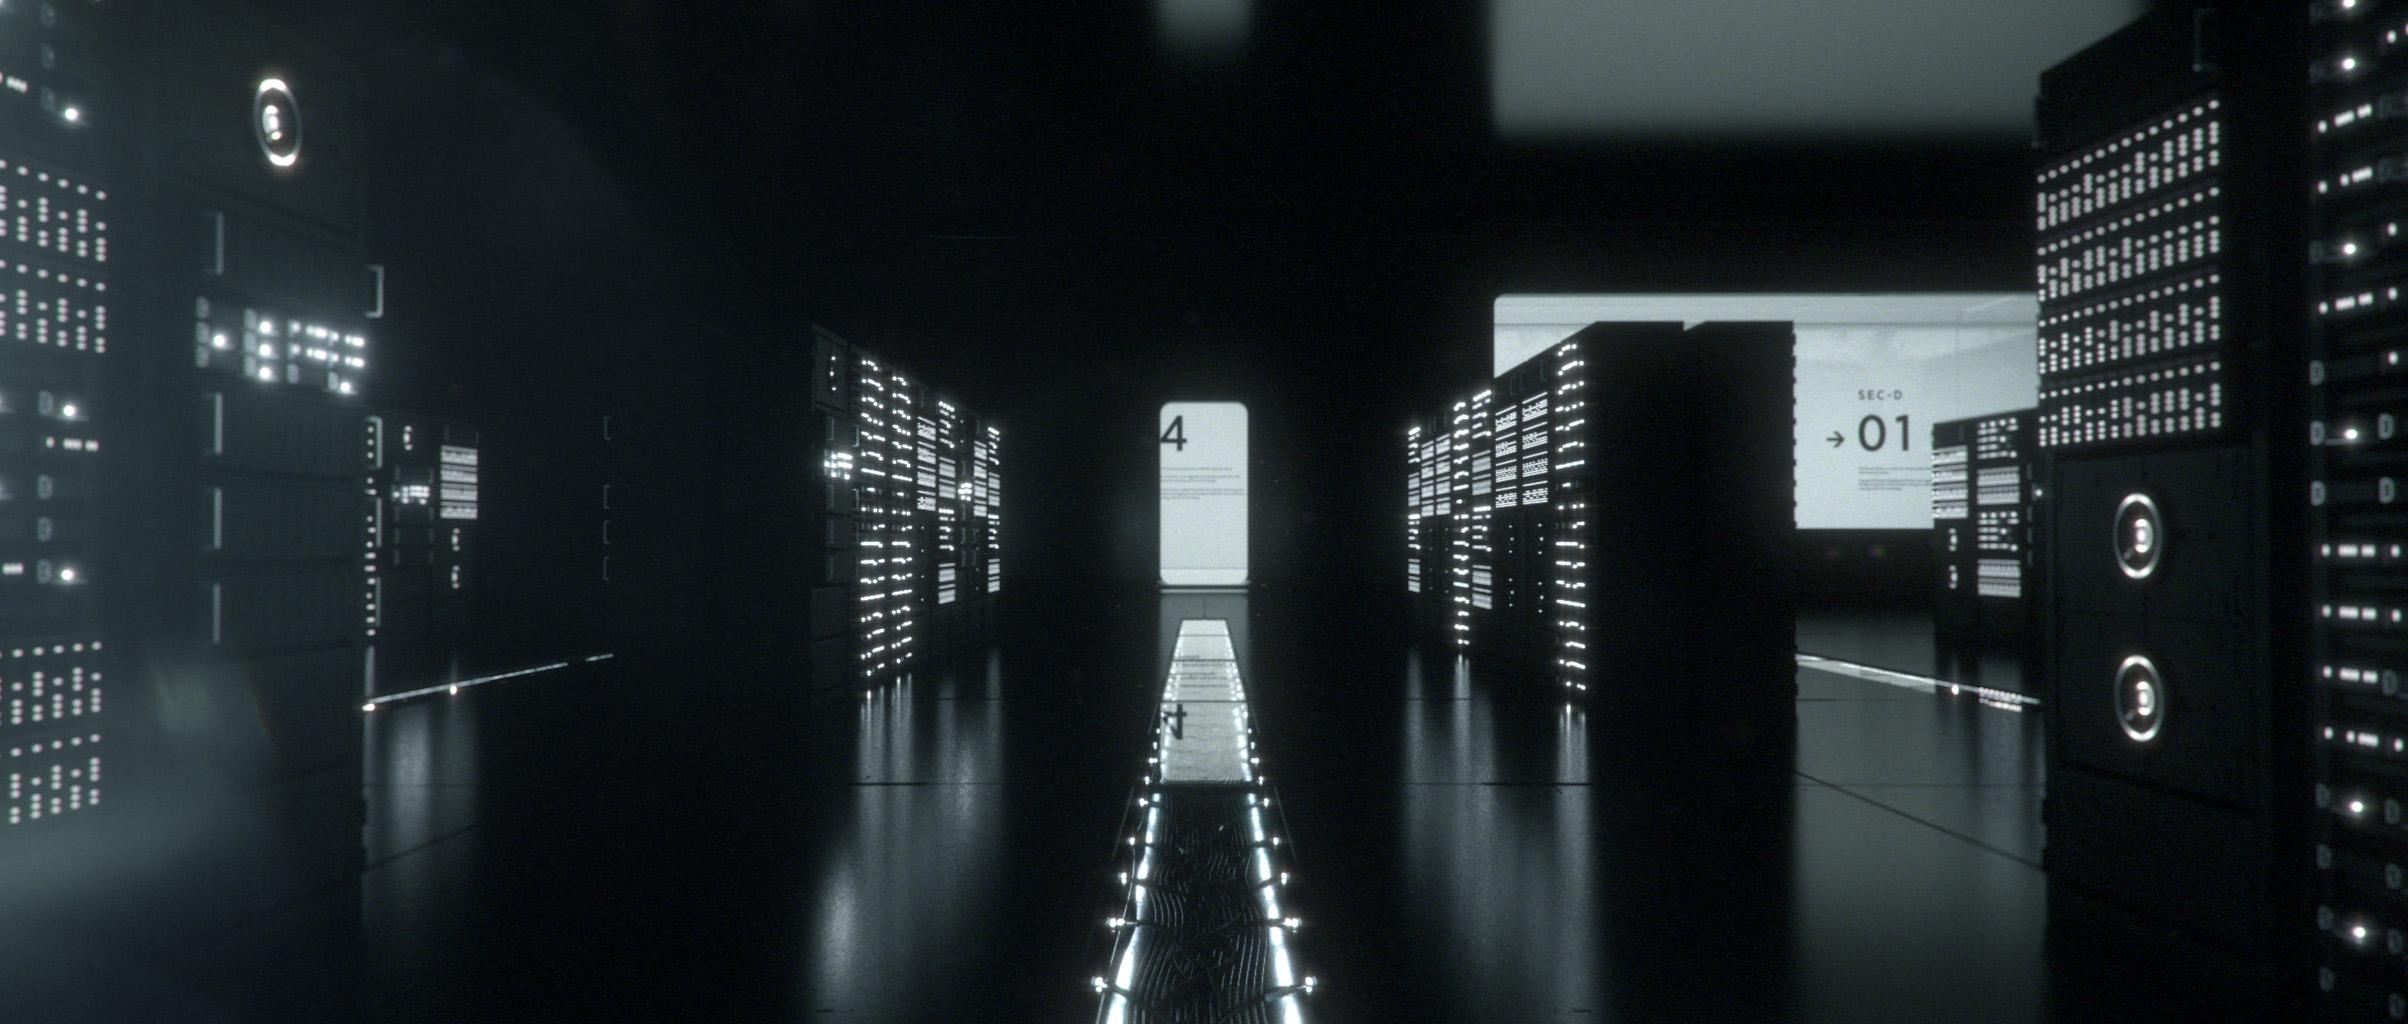 ServerRoom_v01